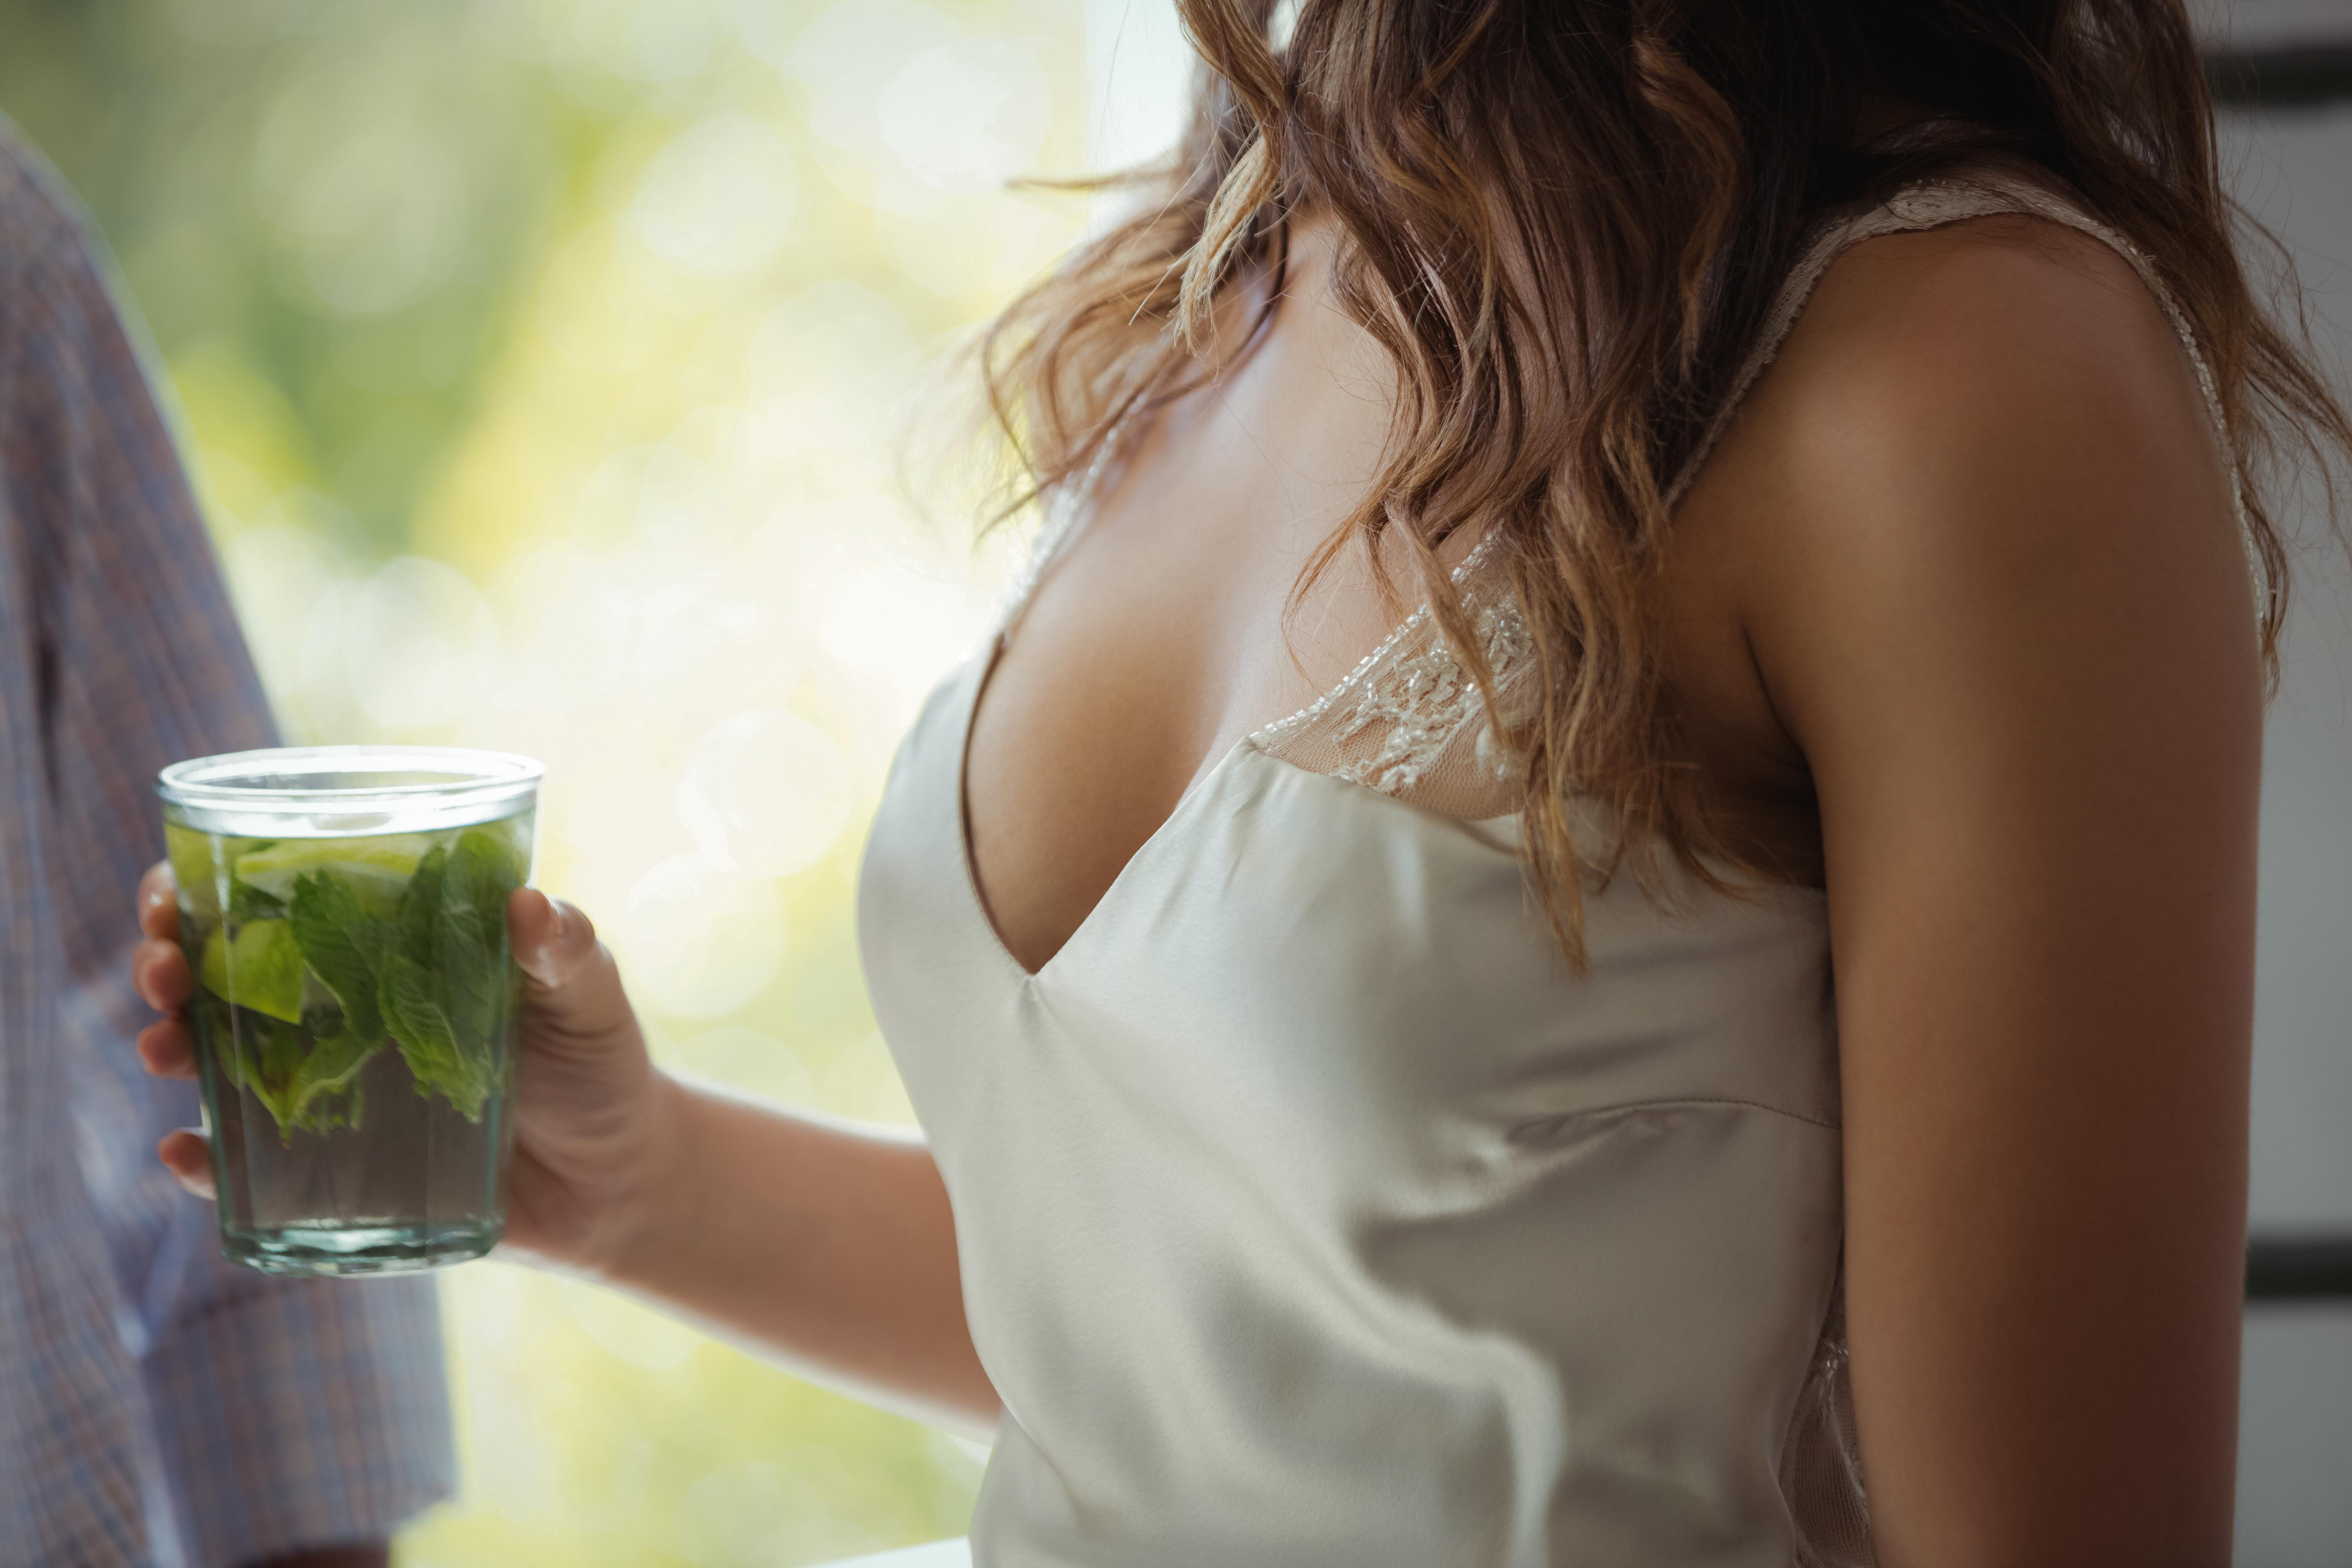 El pecho es especialmente sensible a cambios hormonales o de peso y a la falta de cuidados. Pero basta seguir algunos sencillos consejos para que se mantenga siempre bonito.